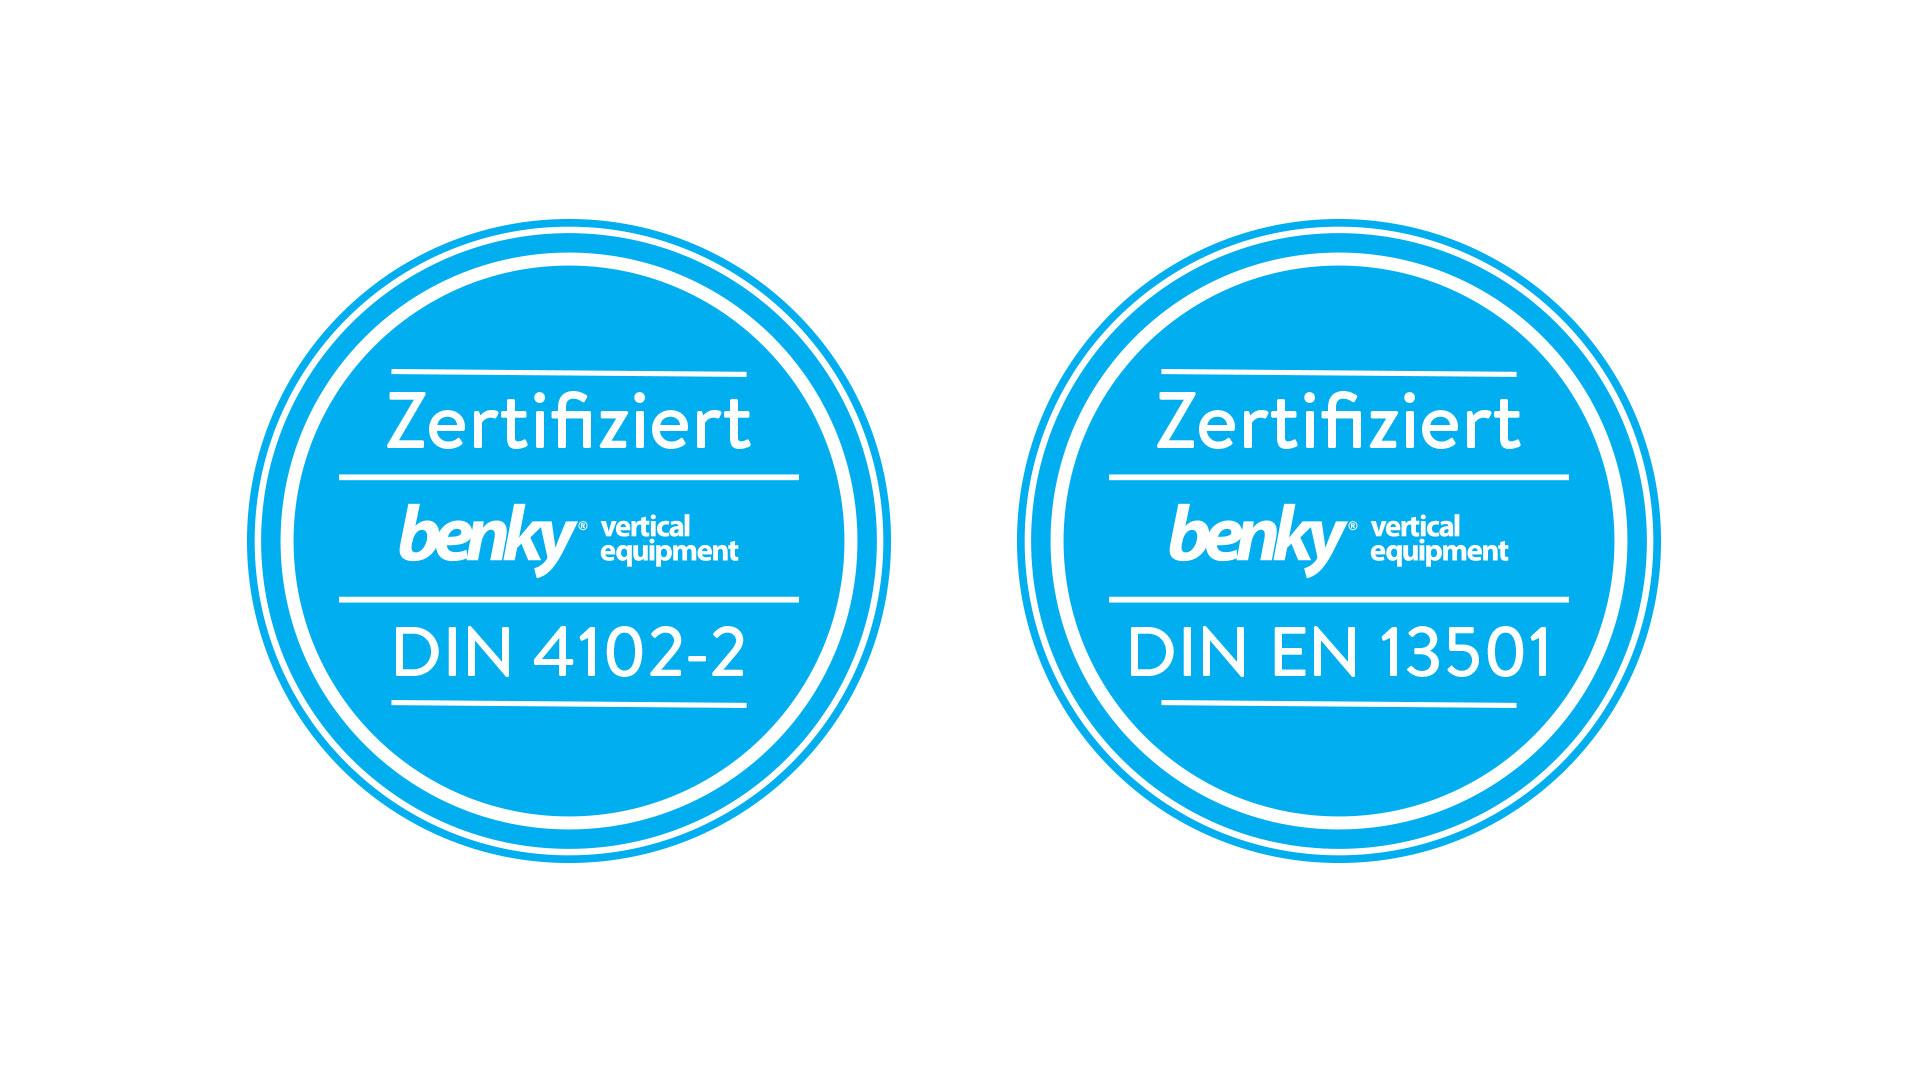 benky_q-mat_zertifiziert